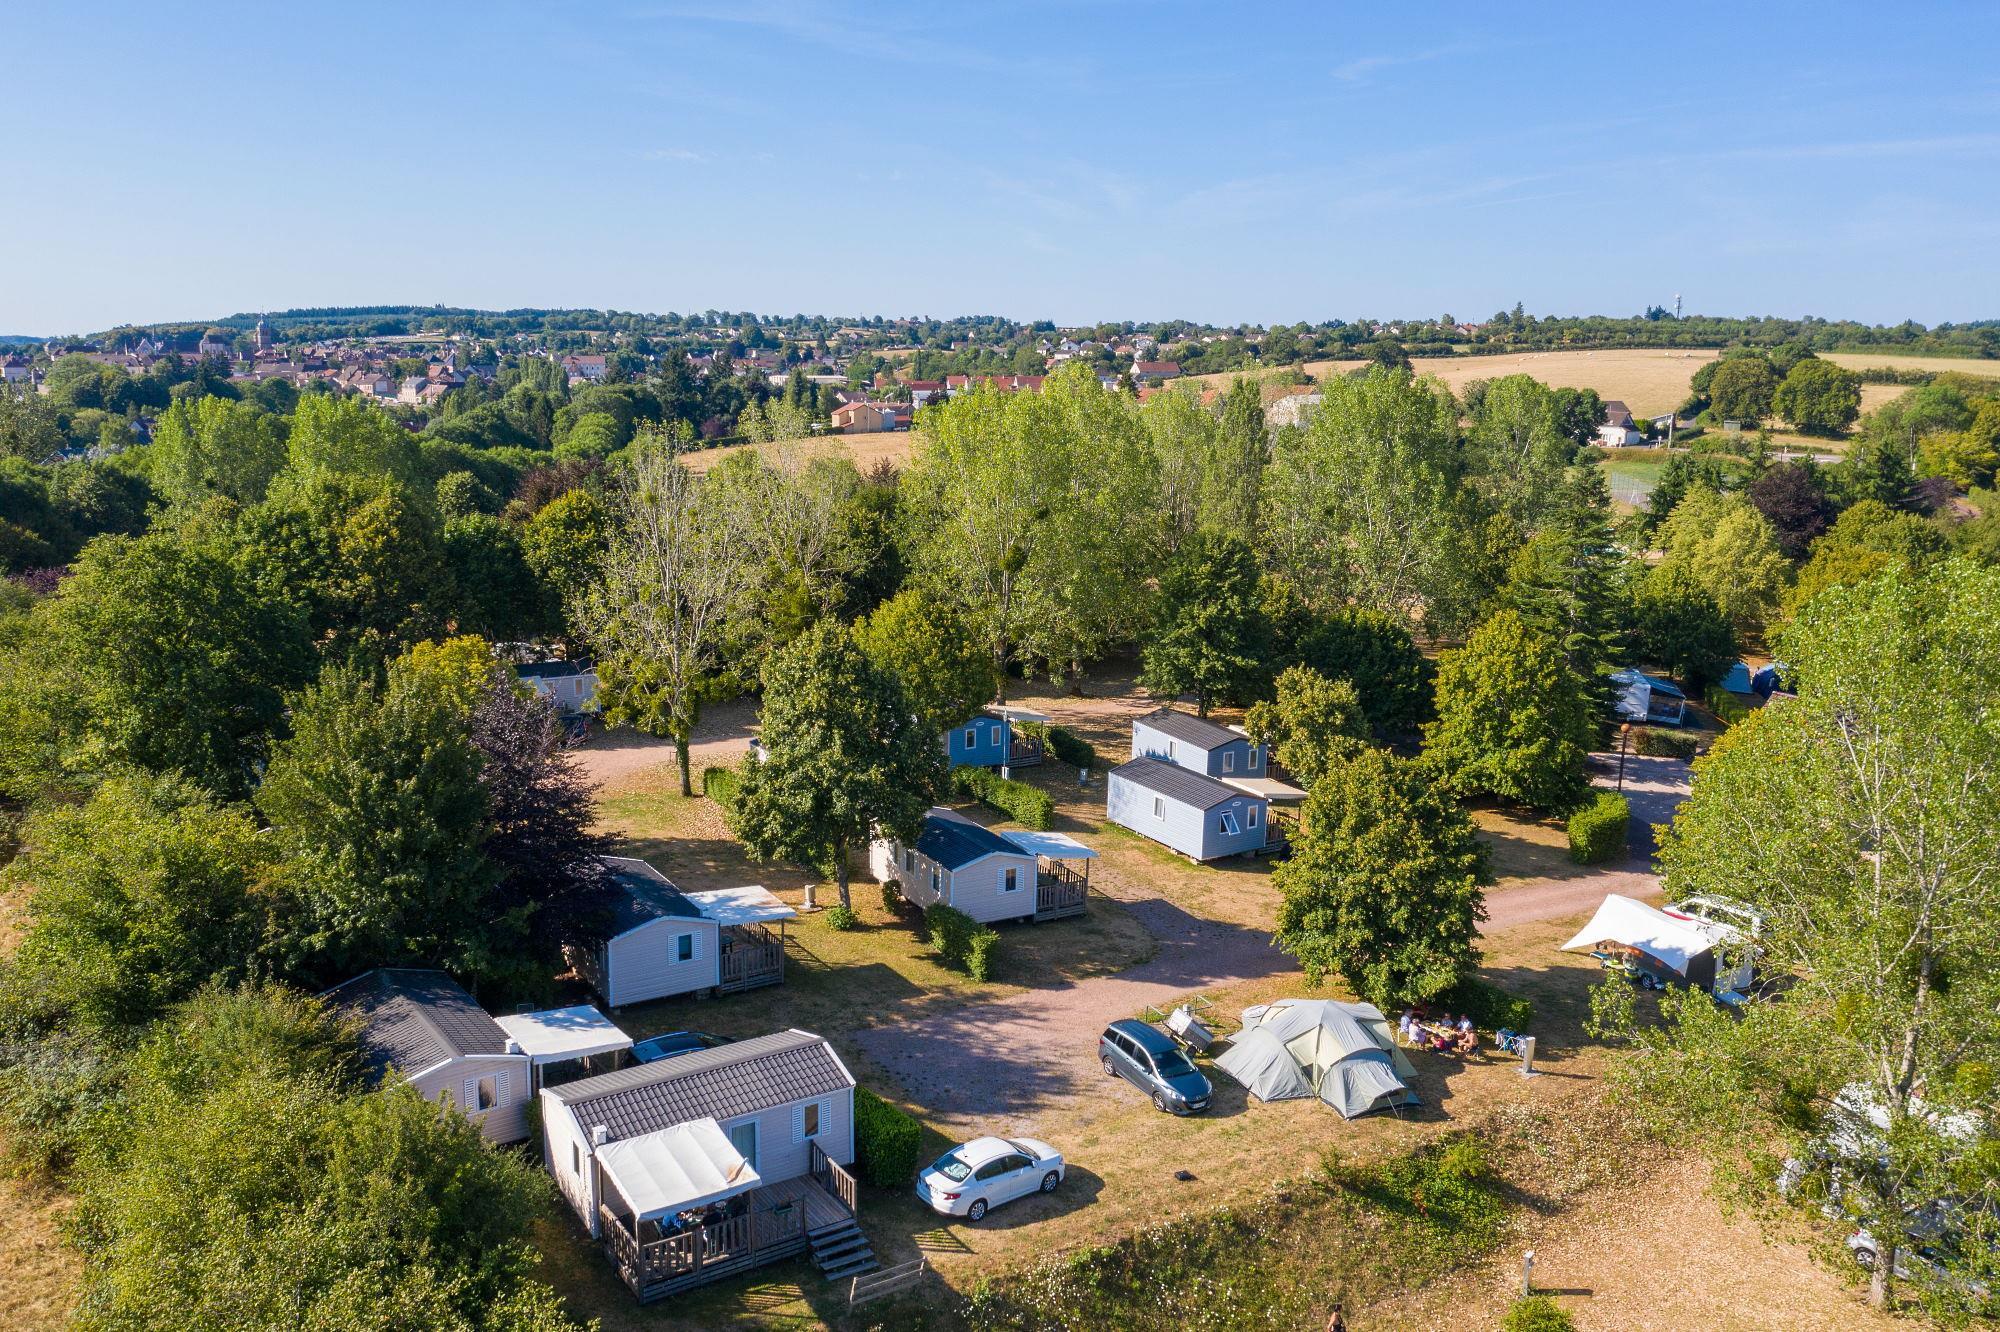 Camping de Saulieu, Saulieu, Côte-d'Or